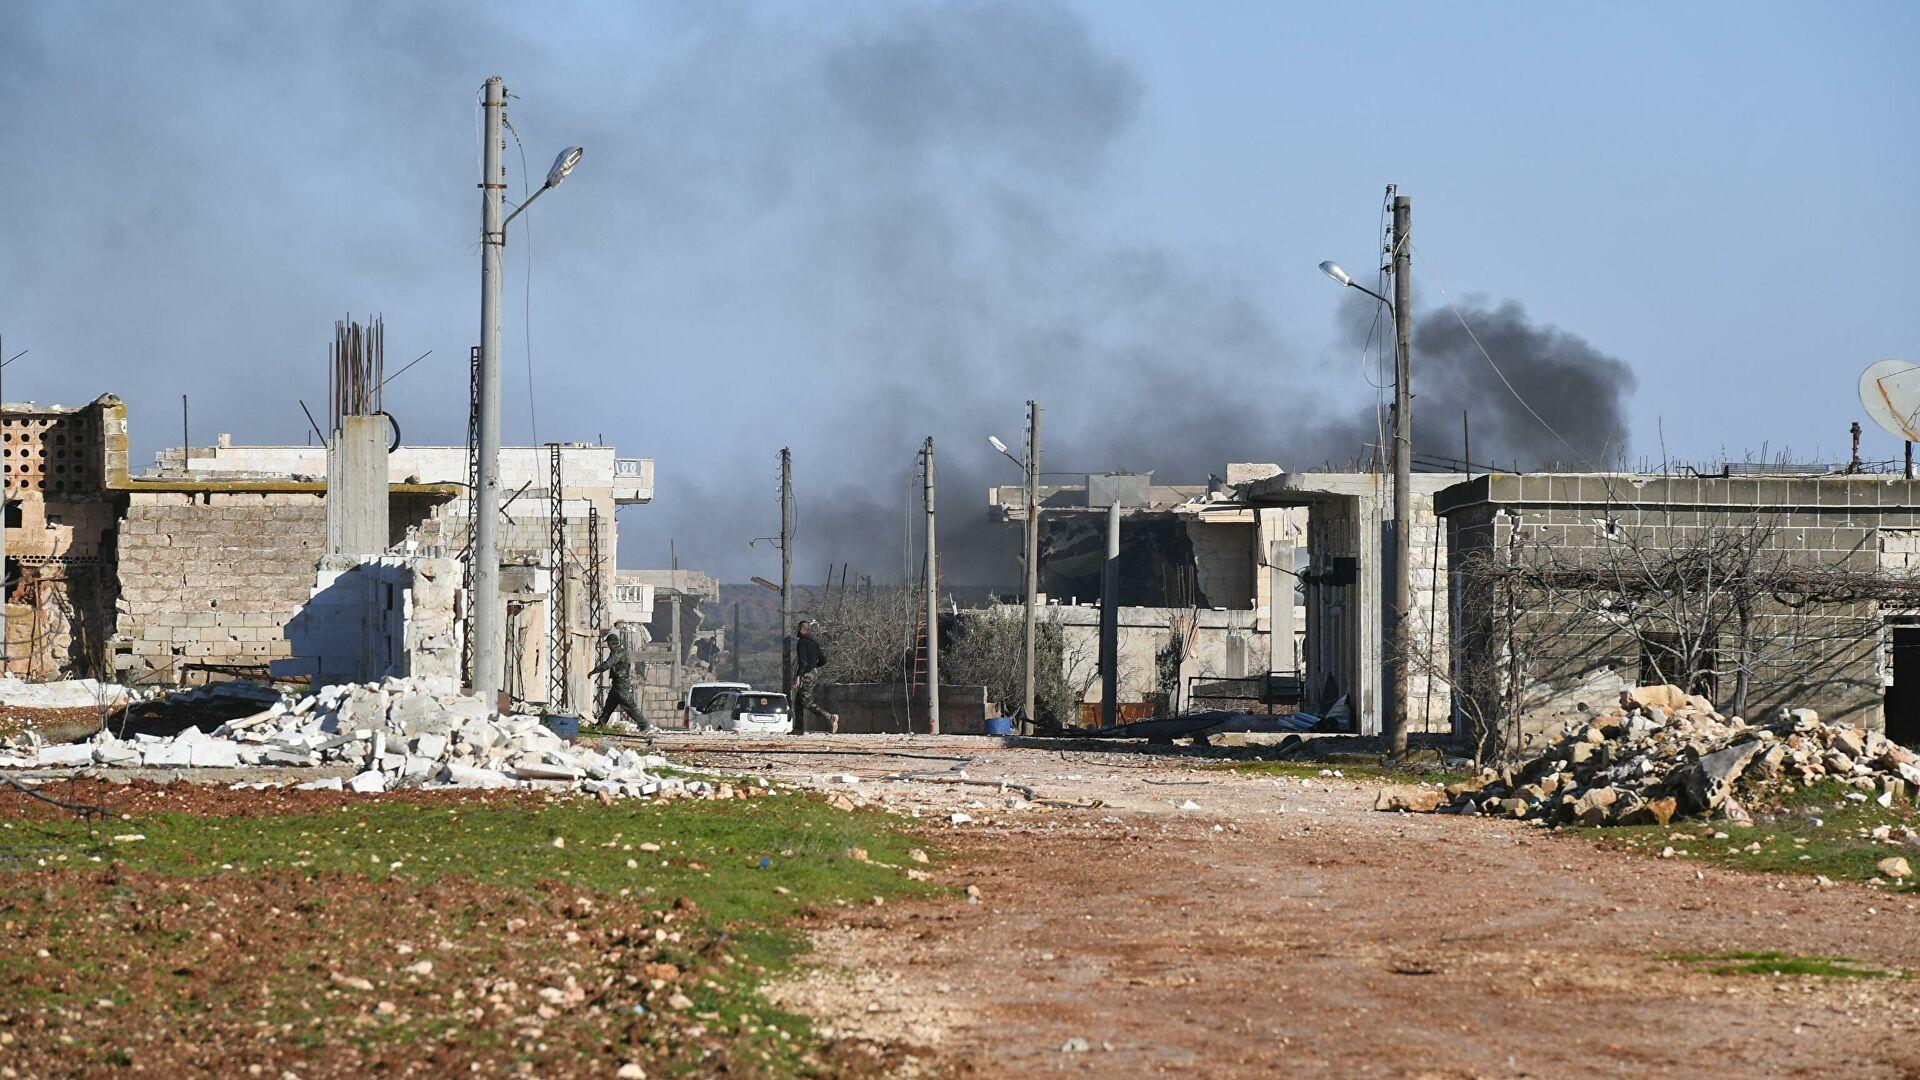 США нанесли удар в Сирии по проиранскому ополчению - РИА Новости, 26.02.2021